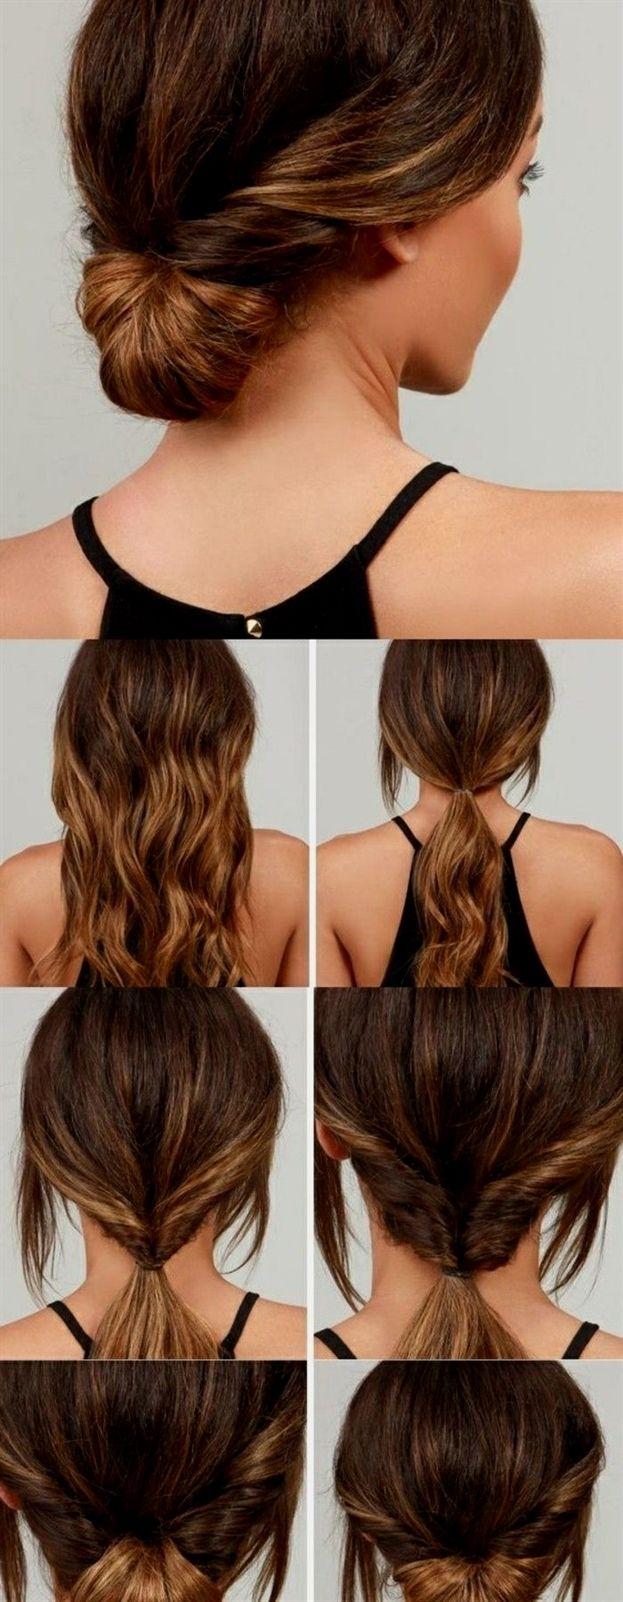 Frisuren Frauen Zum Nachmachen – Bob #Frisuren Zum Selber Machen